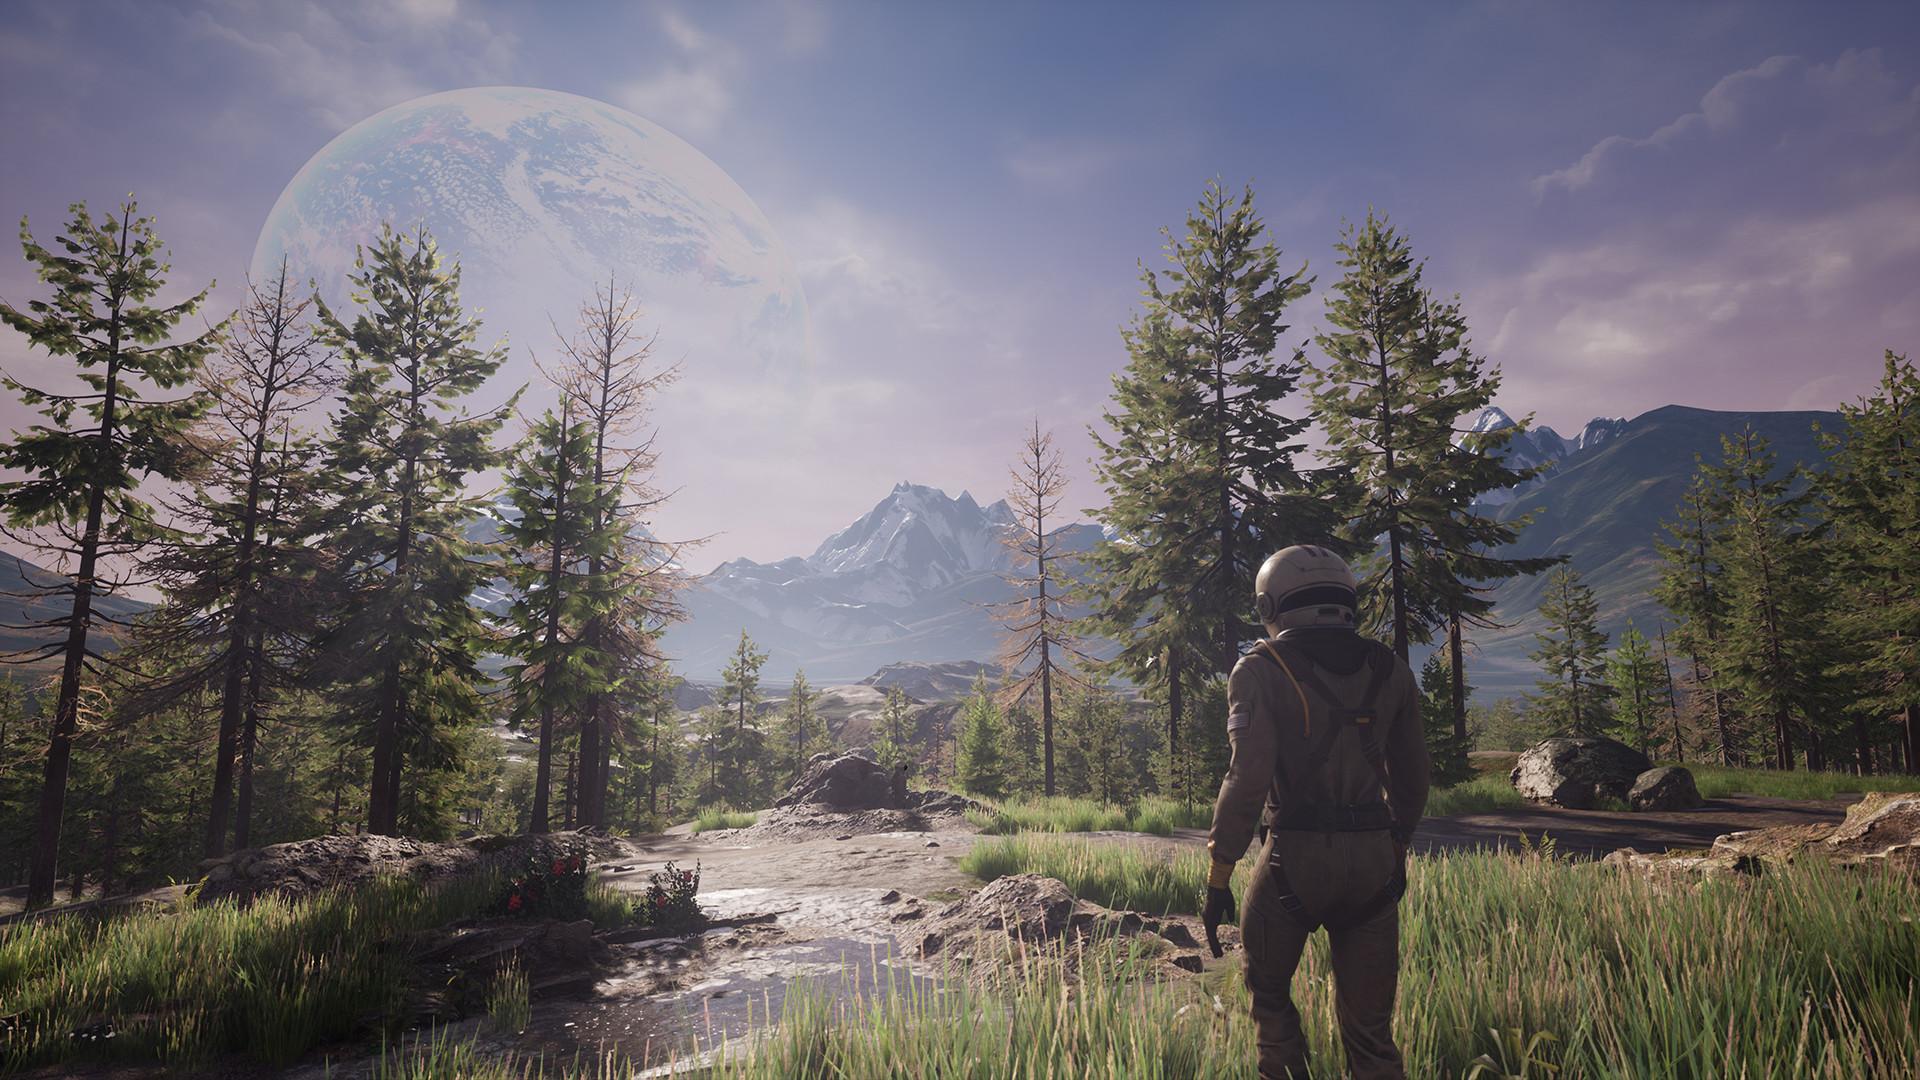 免费开放世界免费游戏《伊卡洛斯》发布最新预告片